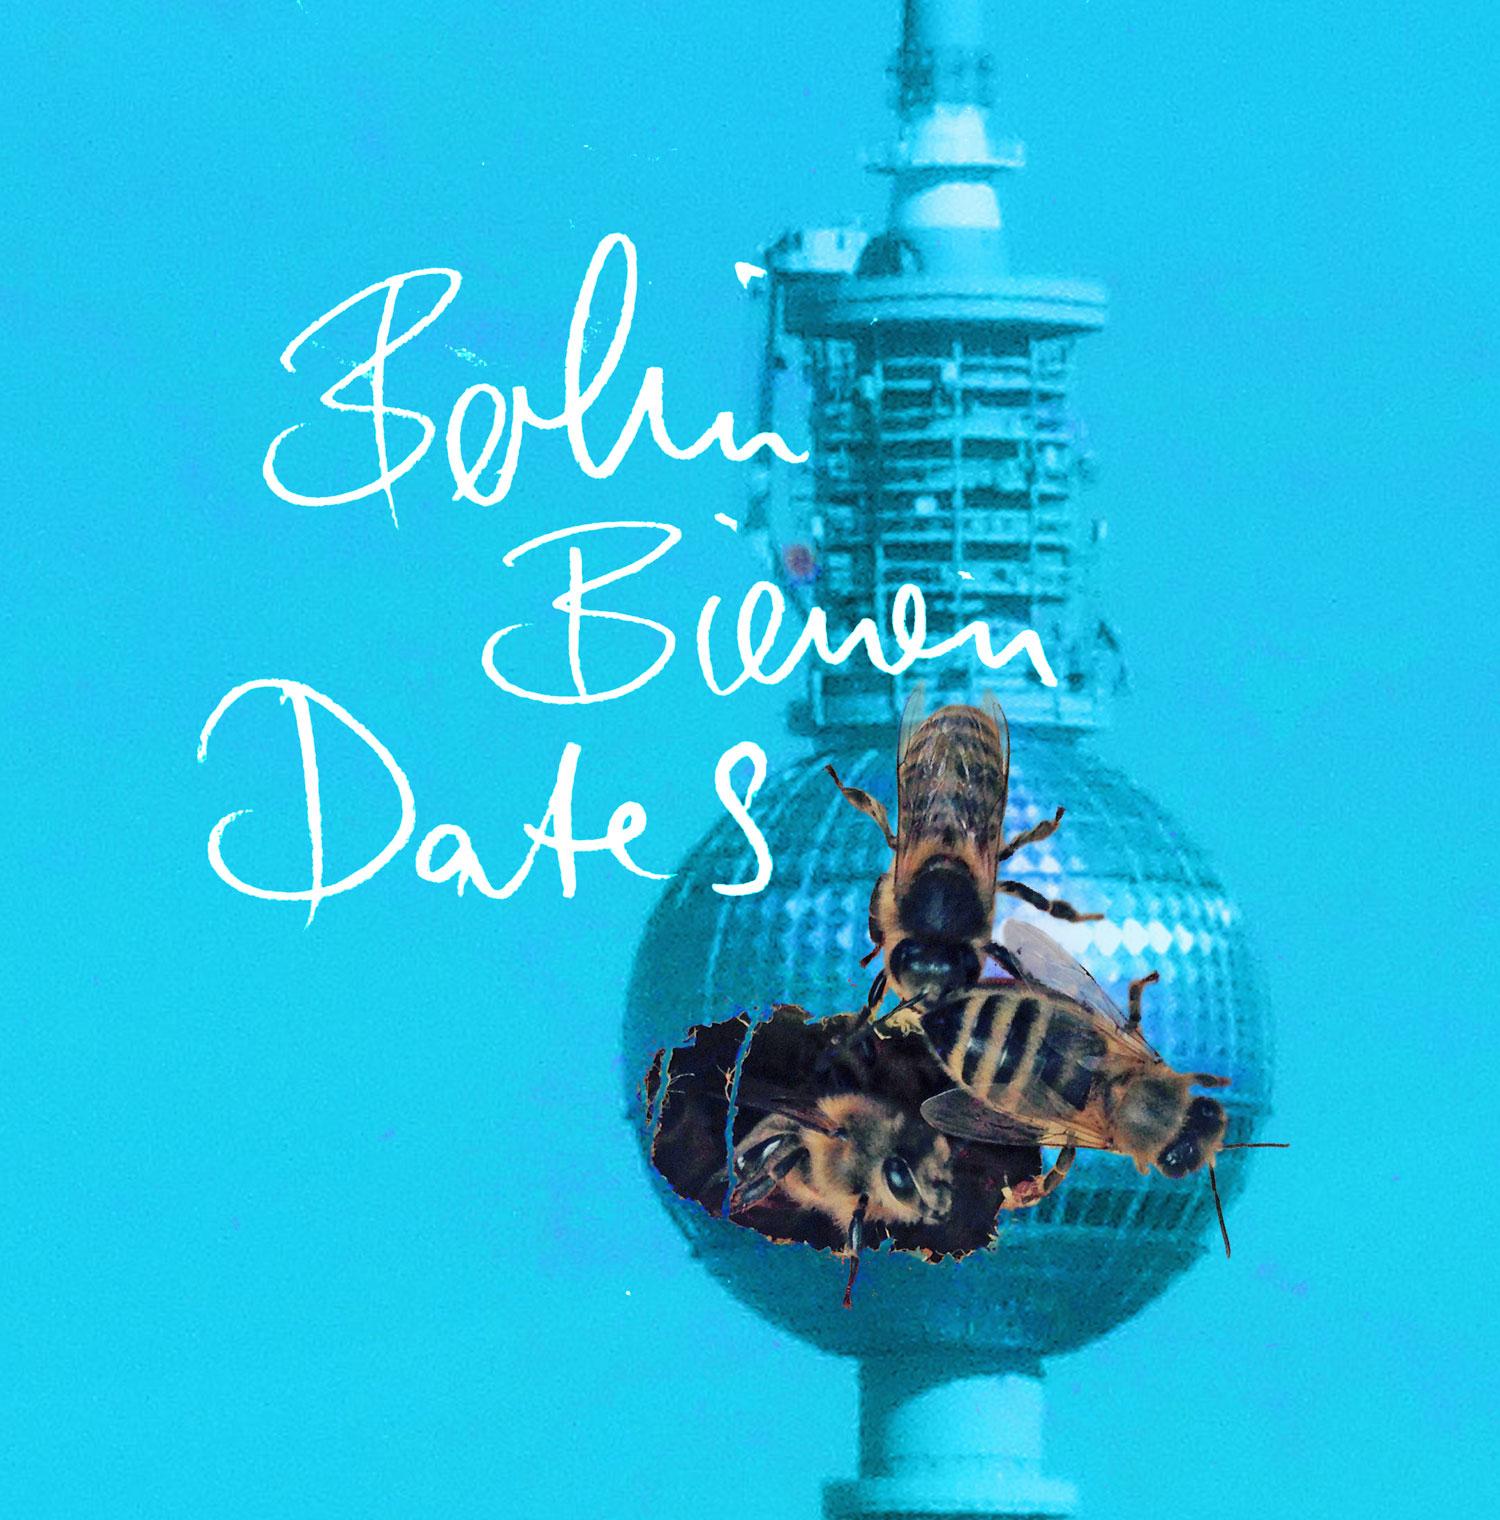 berlin dates Waiblingen